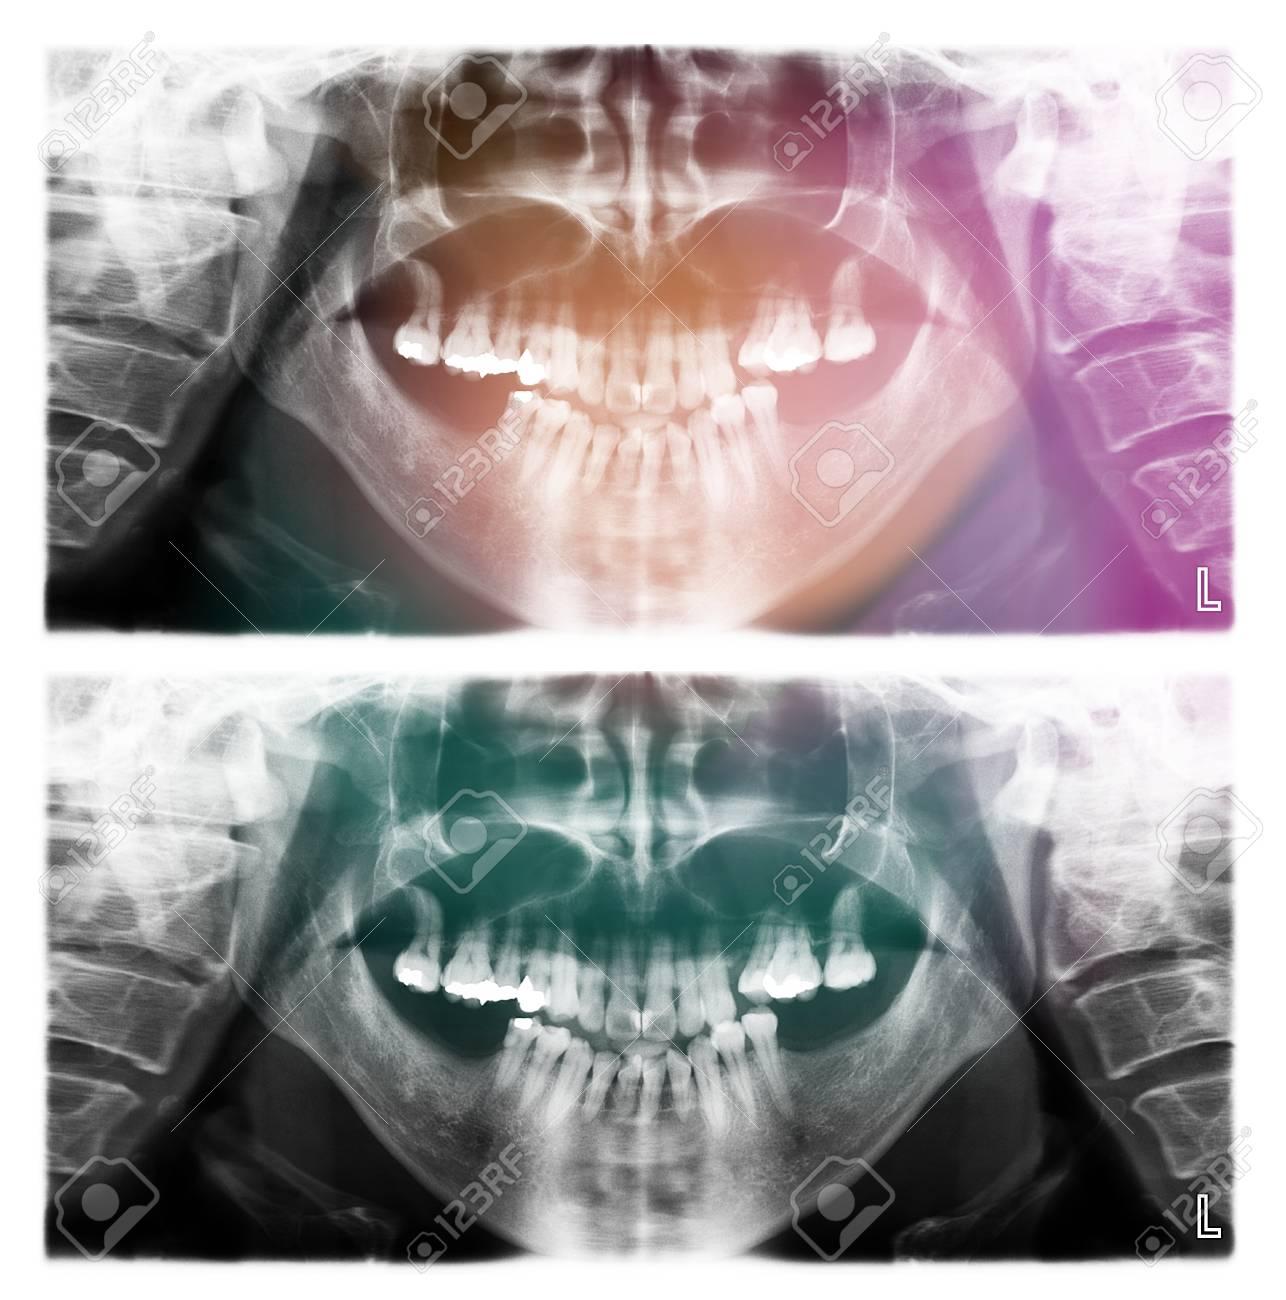 Panorama-Dental-Röntgenscan Mensch Für Die Zähne Lizenzfreie Fotos ...